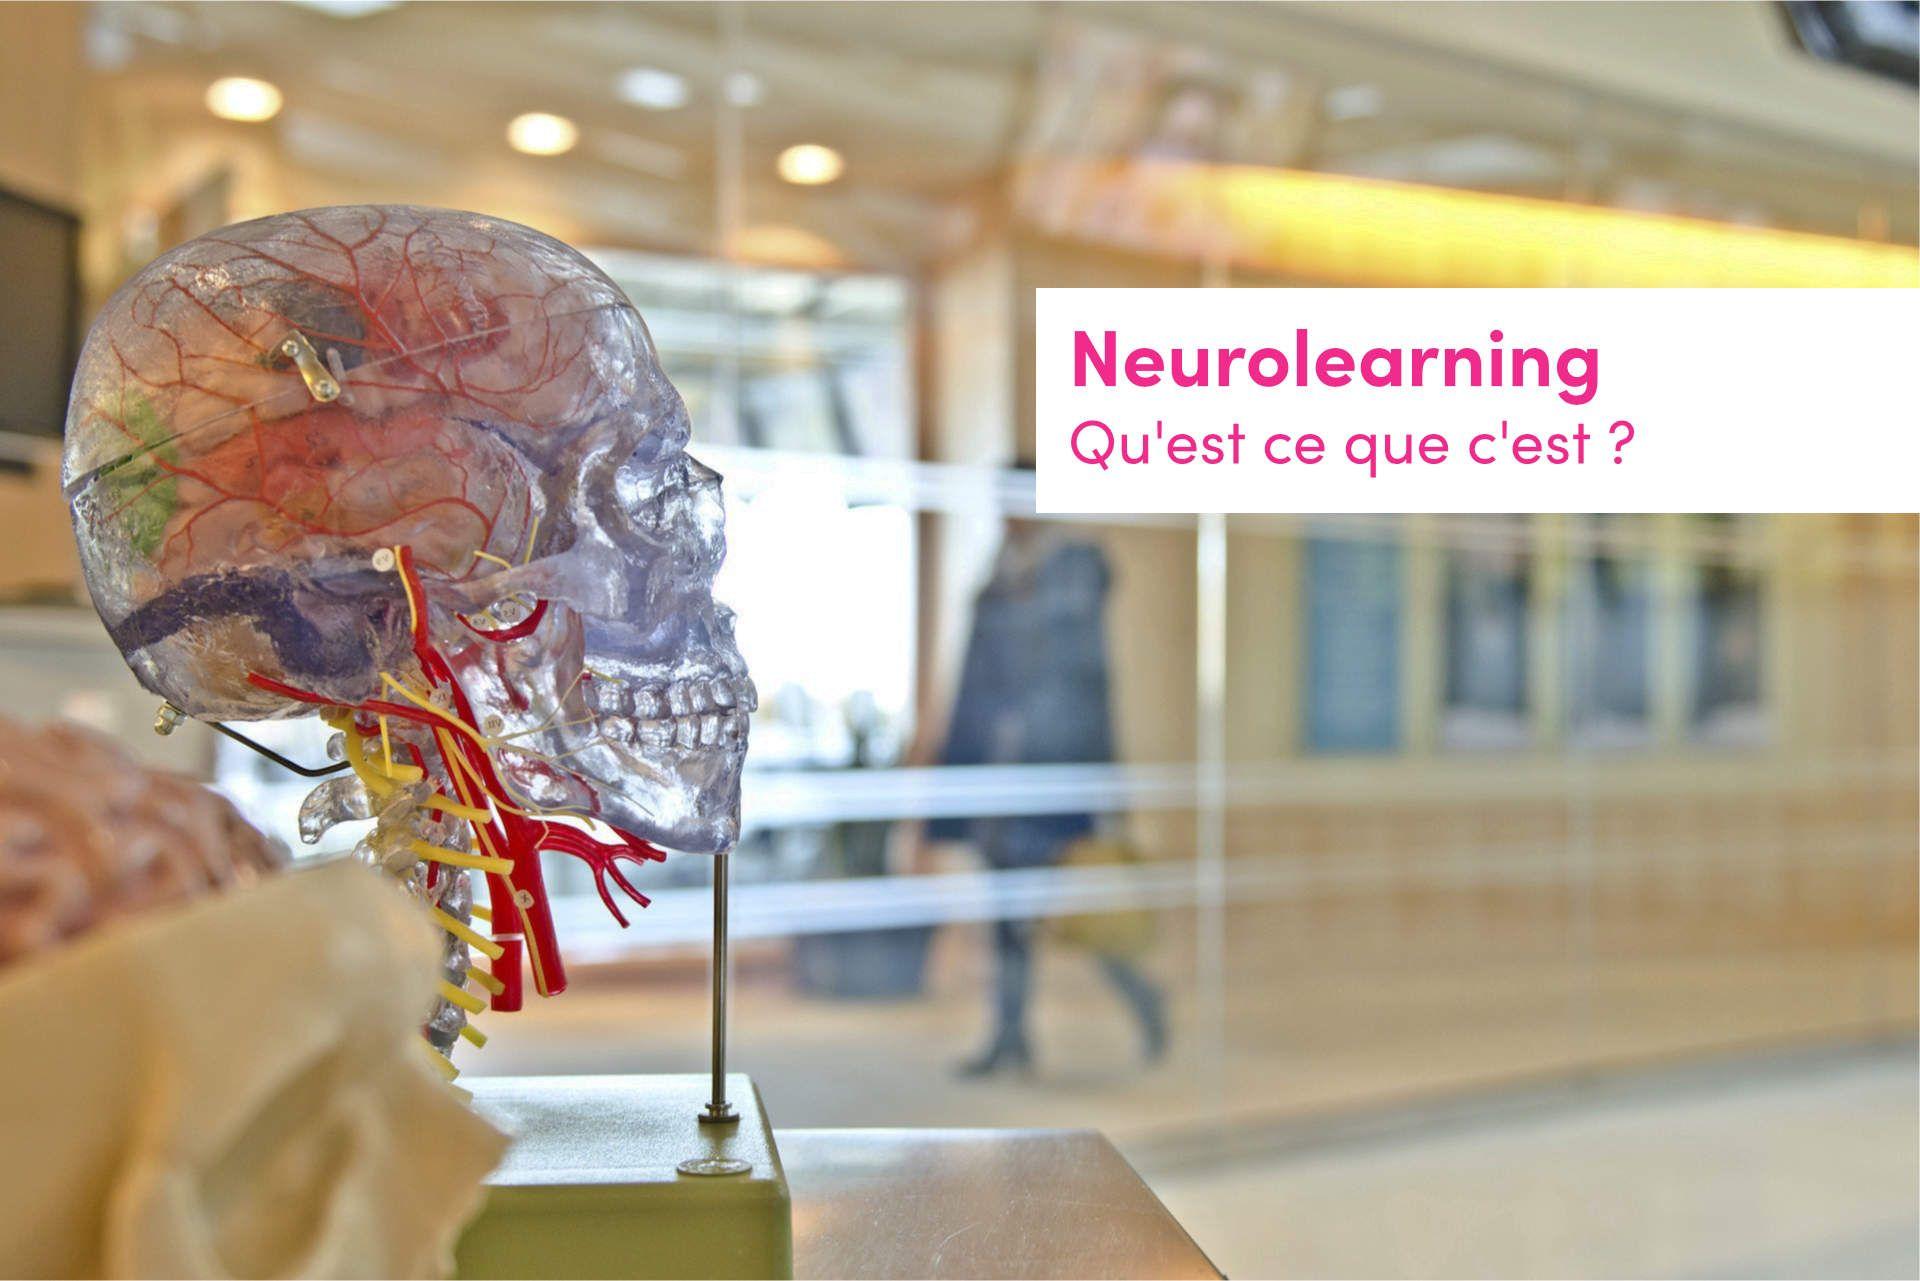 neurolearning-qu-est-ce-que-c-est-thinkovery